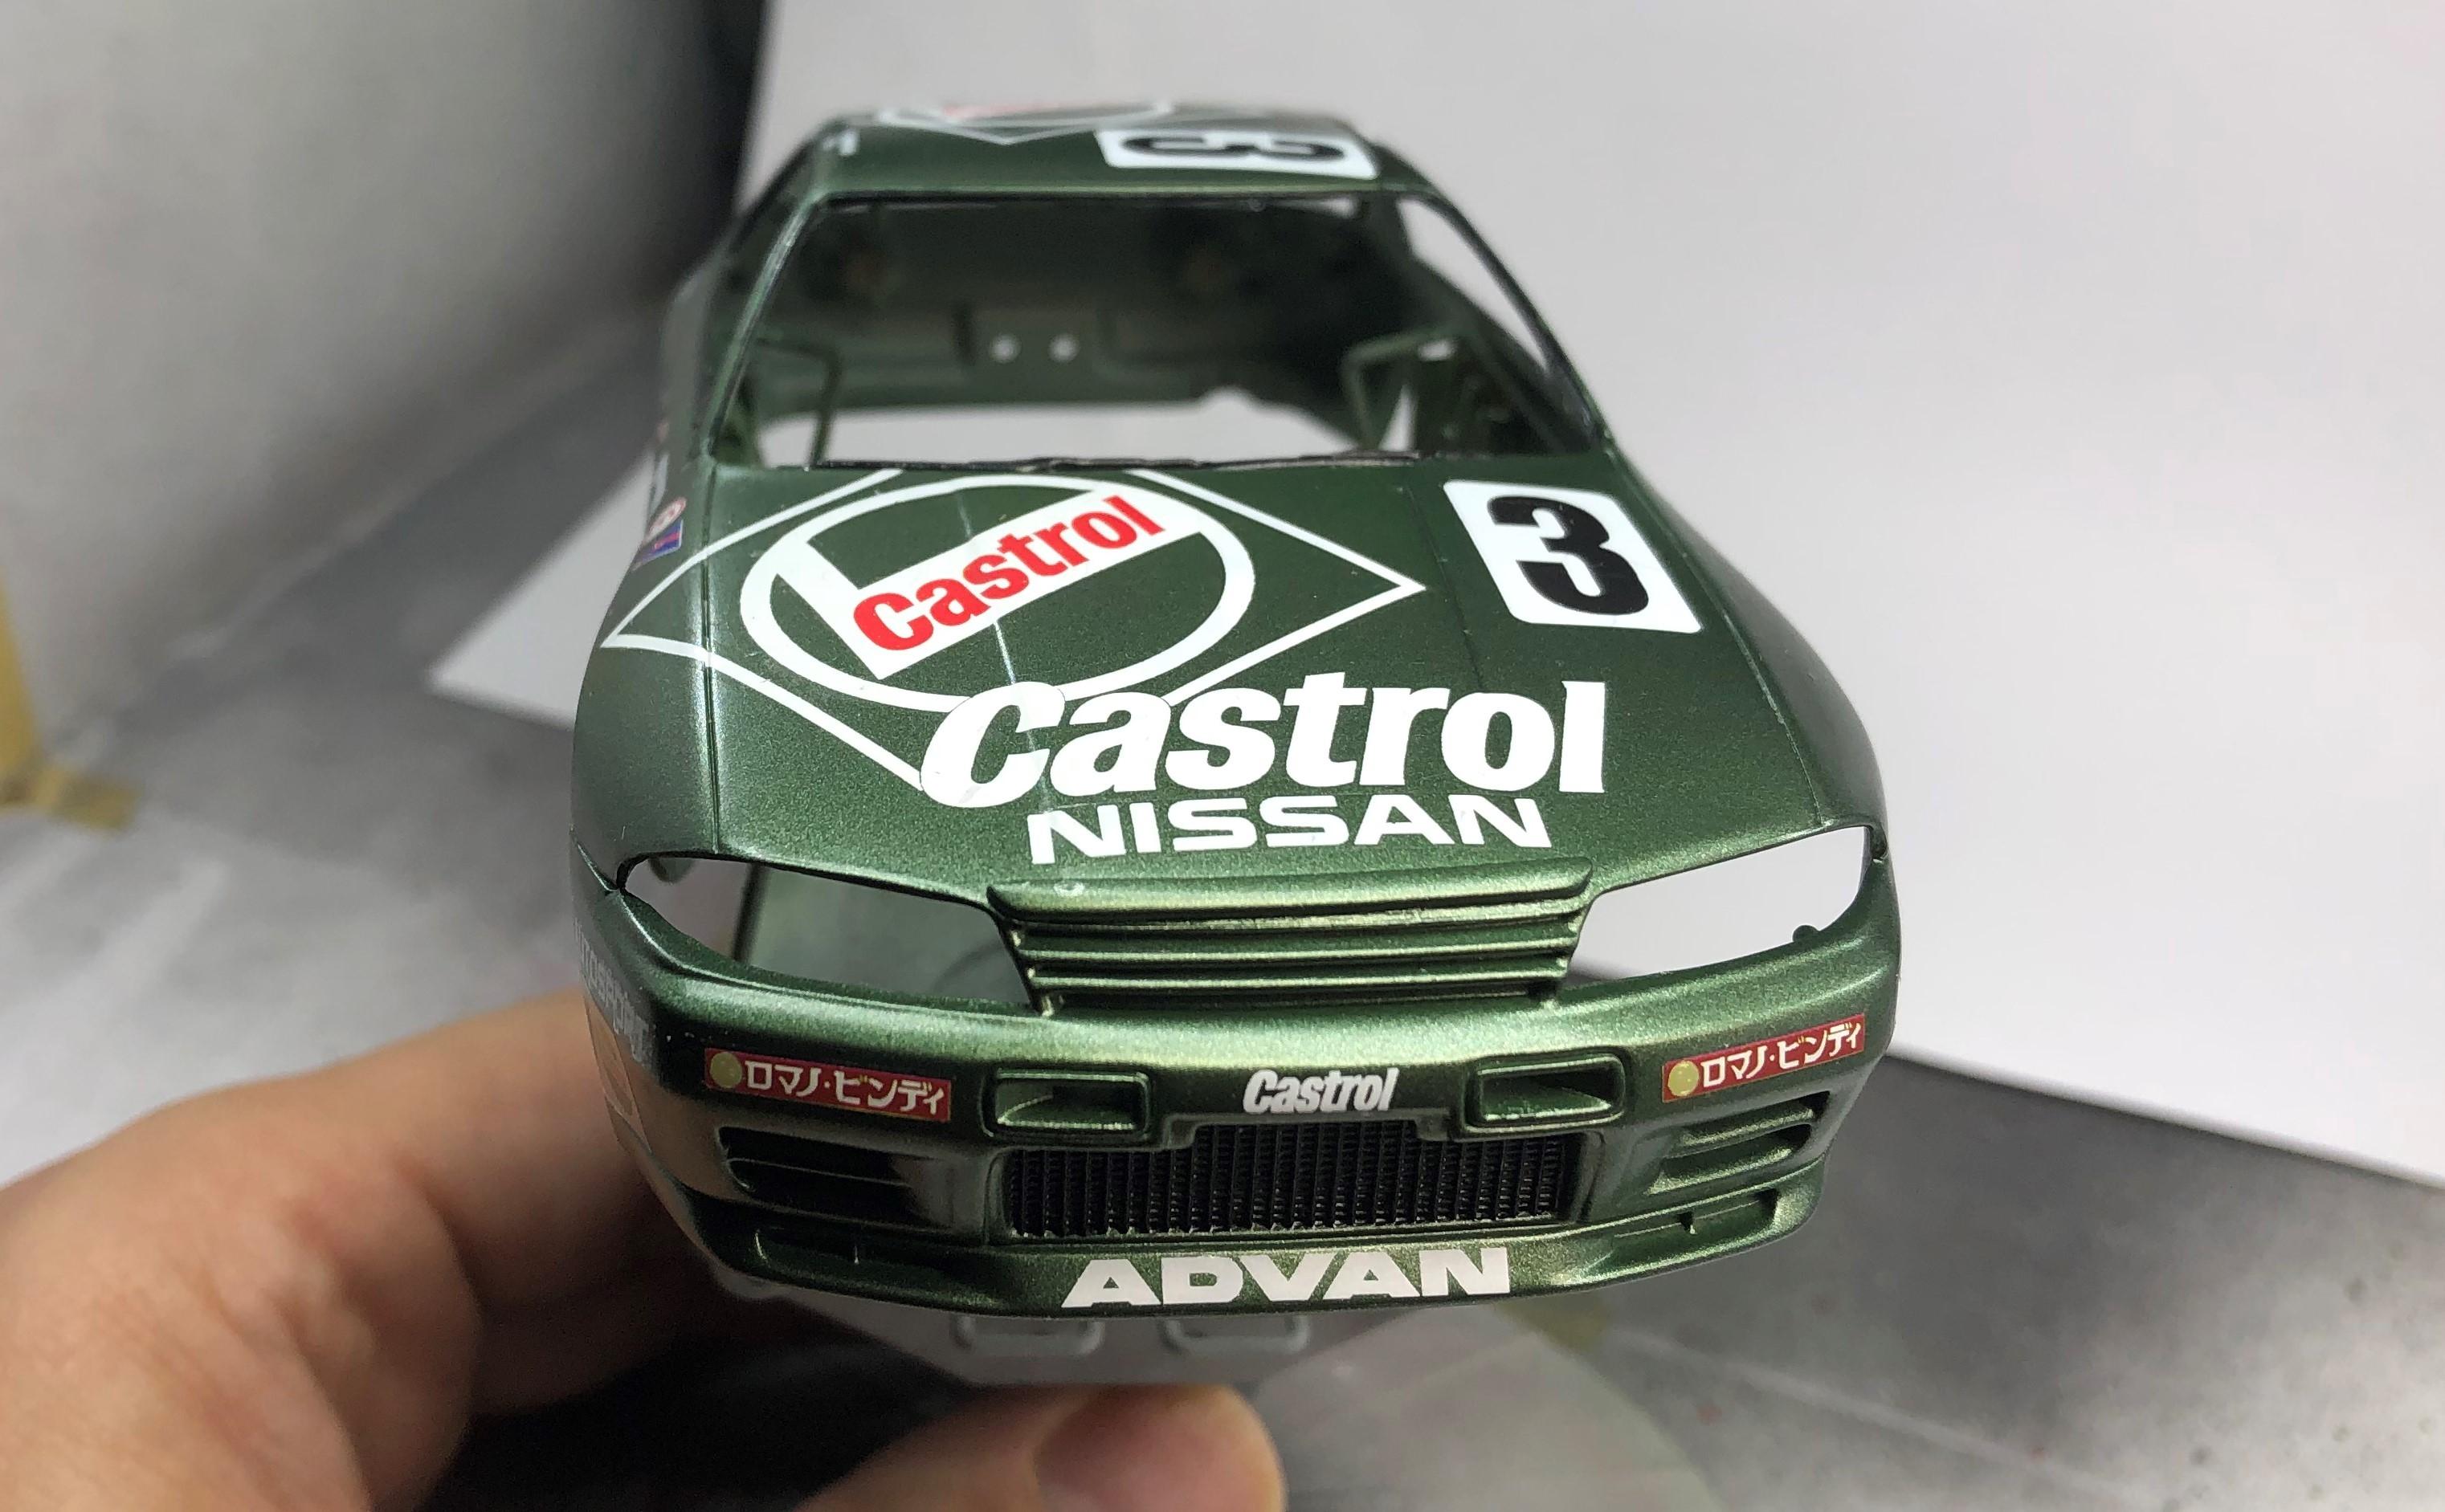 Nissan R32 #3 Castrol JTCC Img-1632155873-243